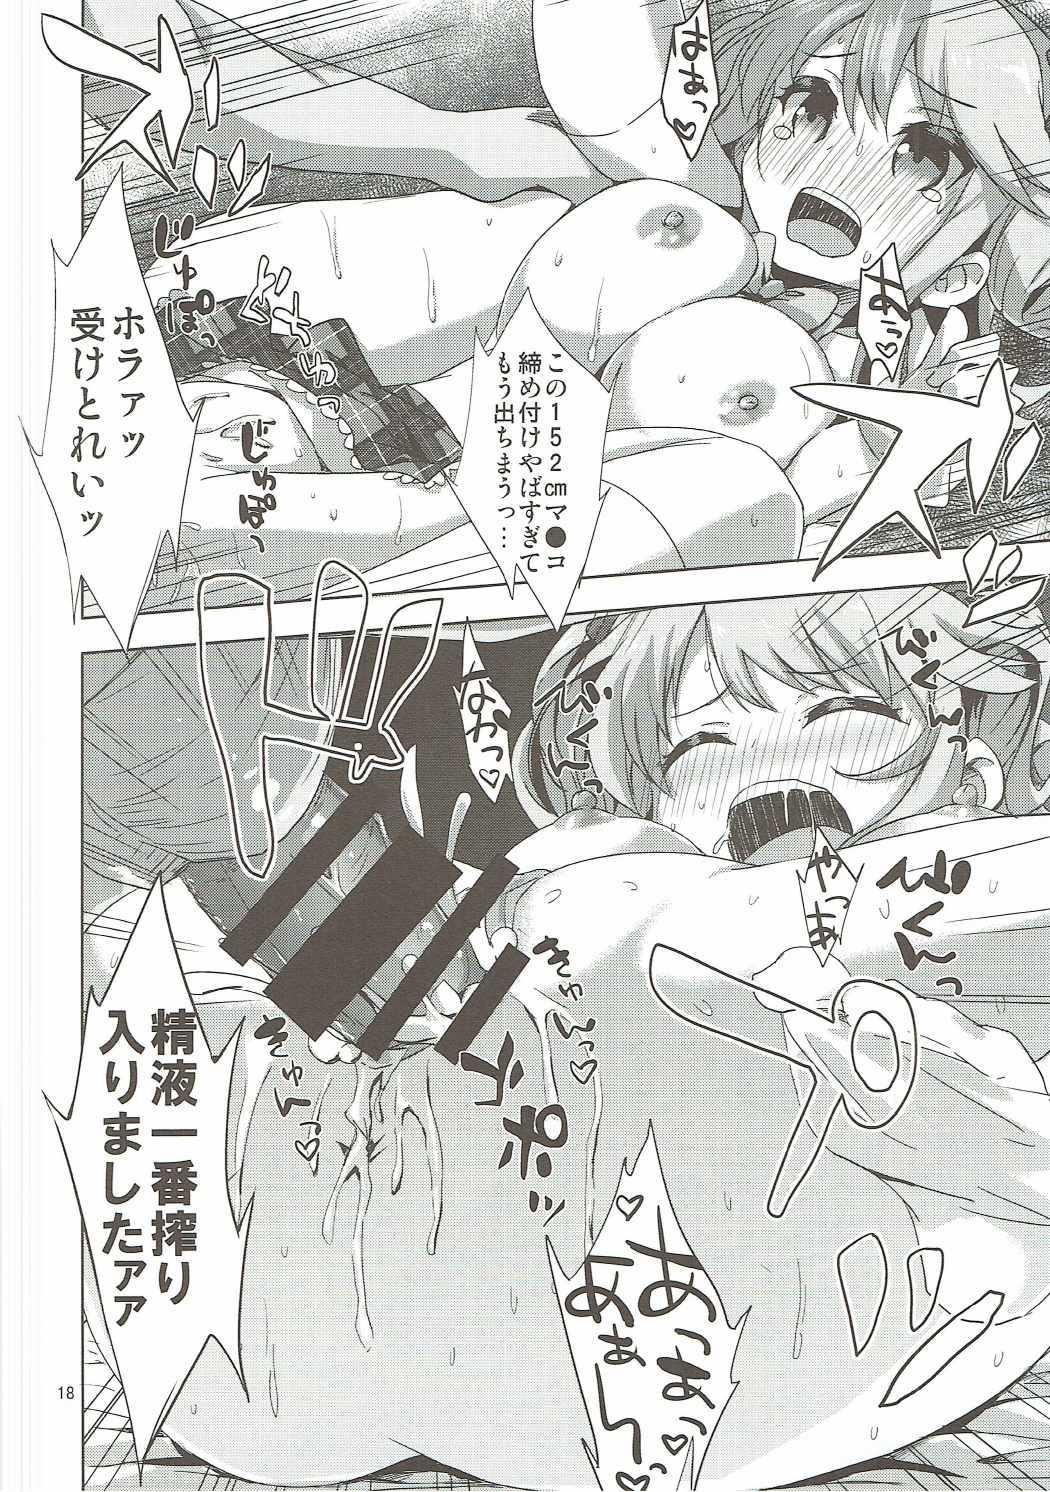 Machi de Mikaketa Kyonyuu Performer Sagara Emi-chan ga Chou Ero Kawaikatta node Damashite Love Hotel ni Tsurekonde Nakadashi Sex Shichau Hon 16